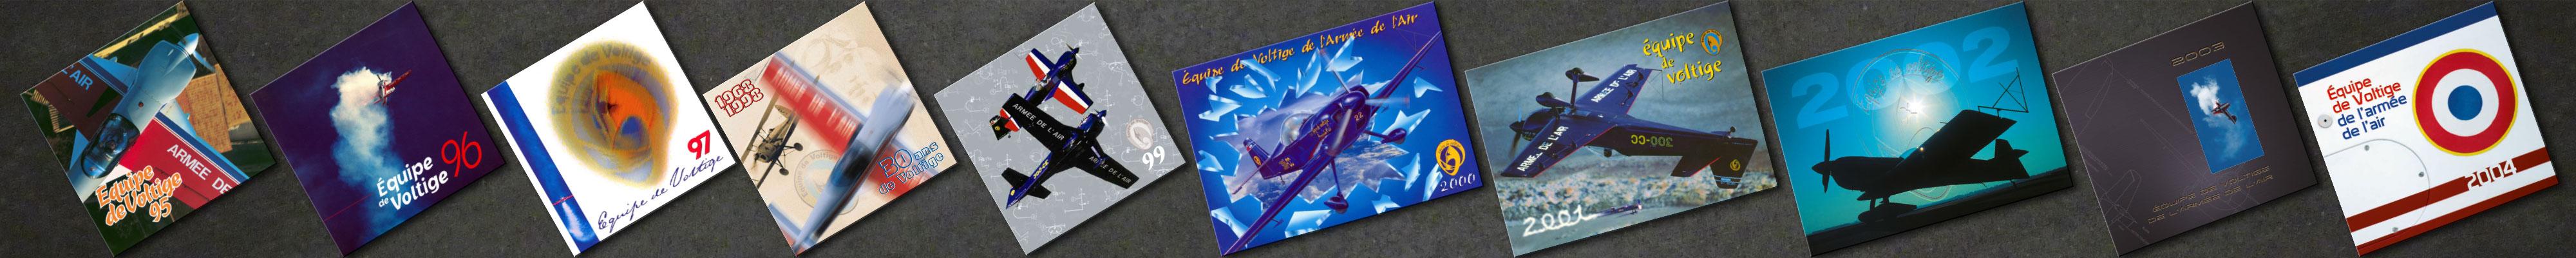 Plaquettes de l'Équipe de Voltige de l'Armée de l'Air réalisées entre 1995 et 2004